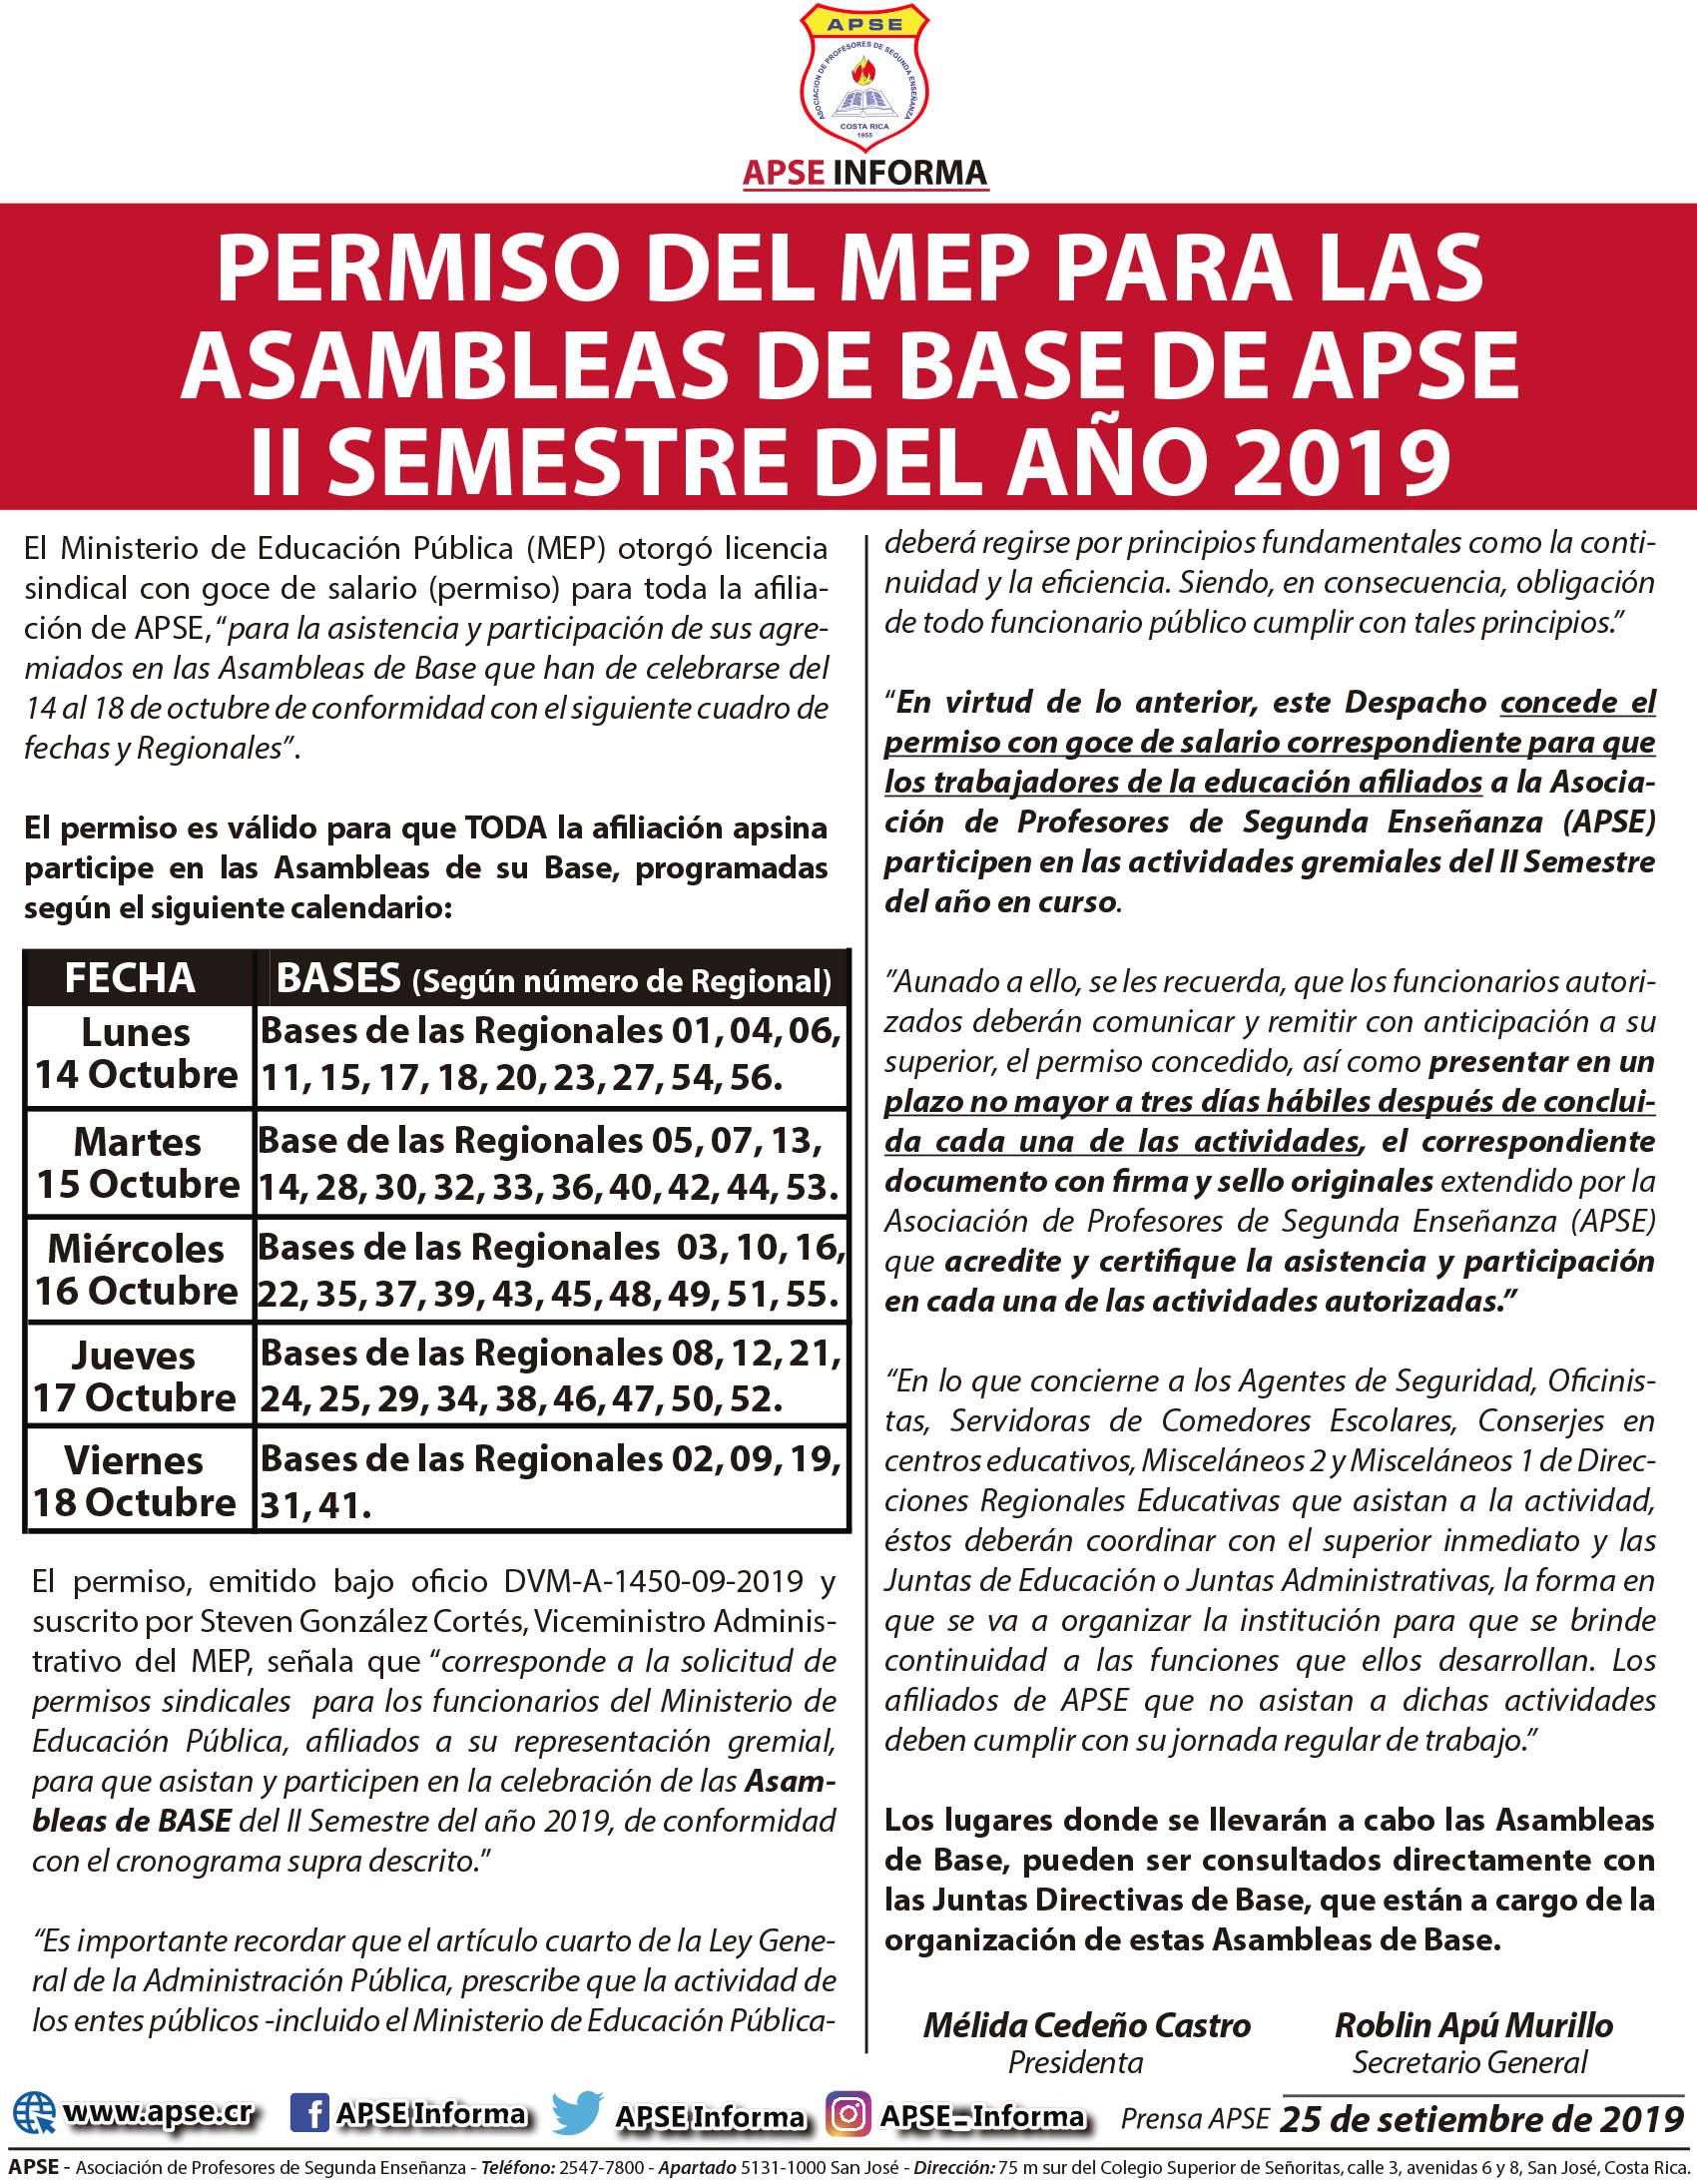 PERMISO DEL MEP PARA LAS ASAMBLEAS DE BASE DE APSE – II SEMESTRE DEL AÑO 2019